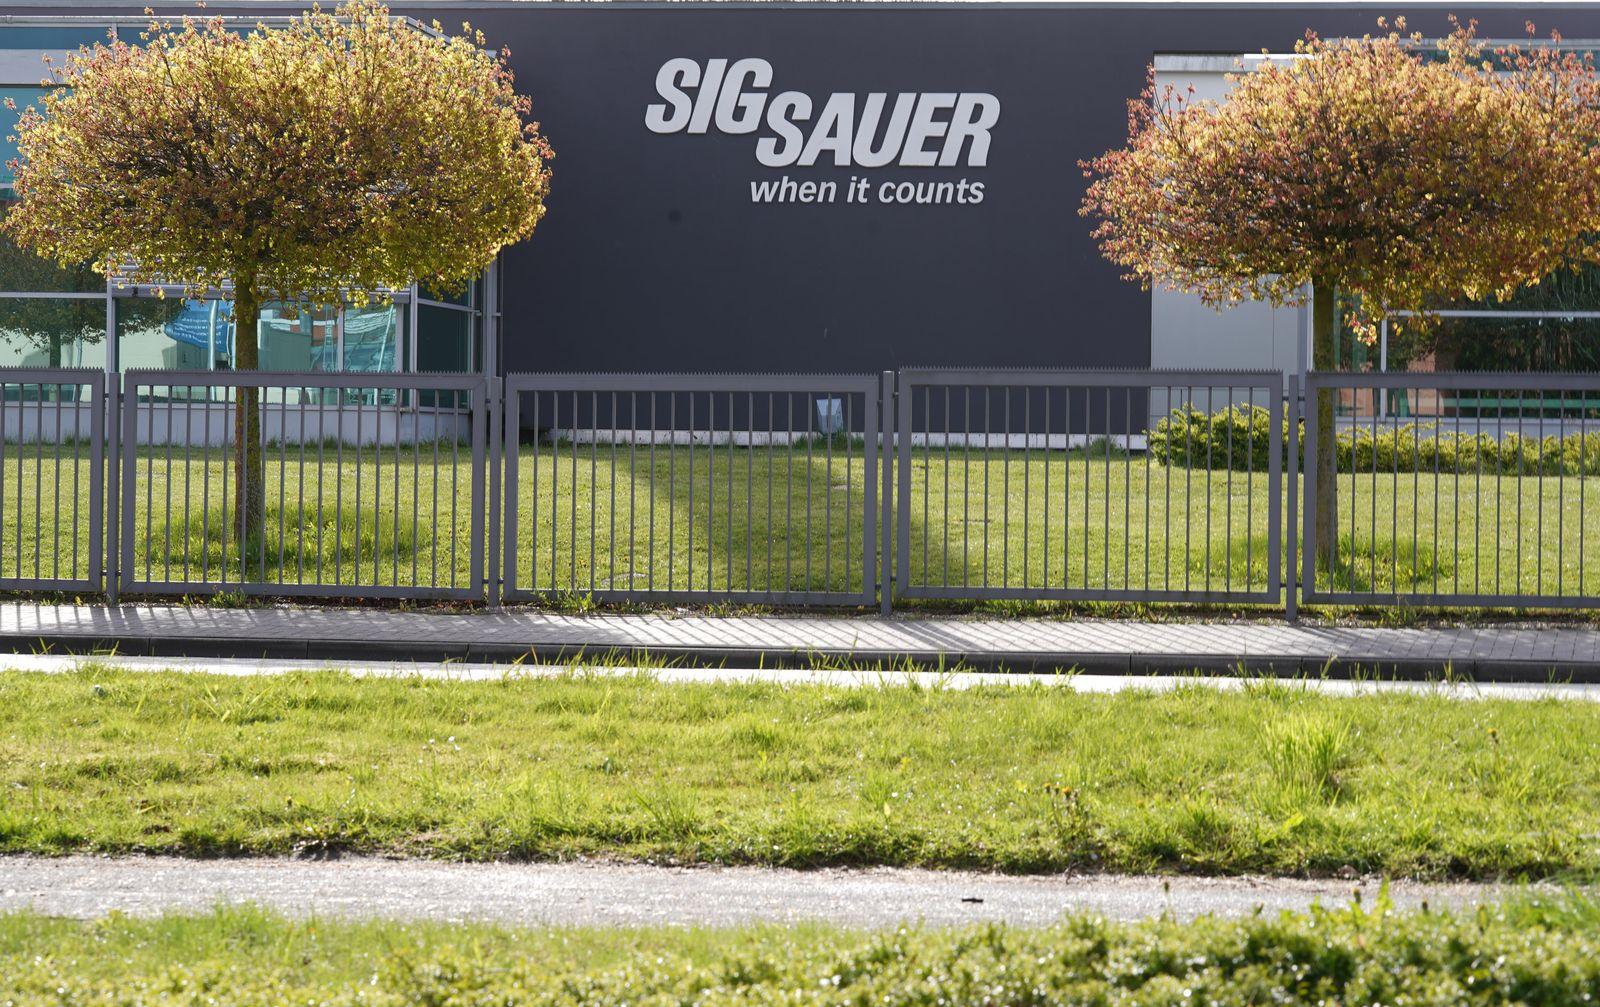 Millionen-Einziehung bei Sig Sauer war rechtens